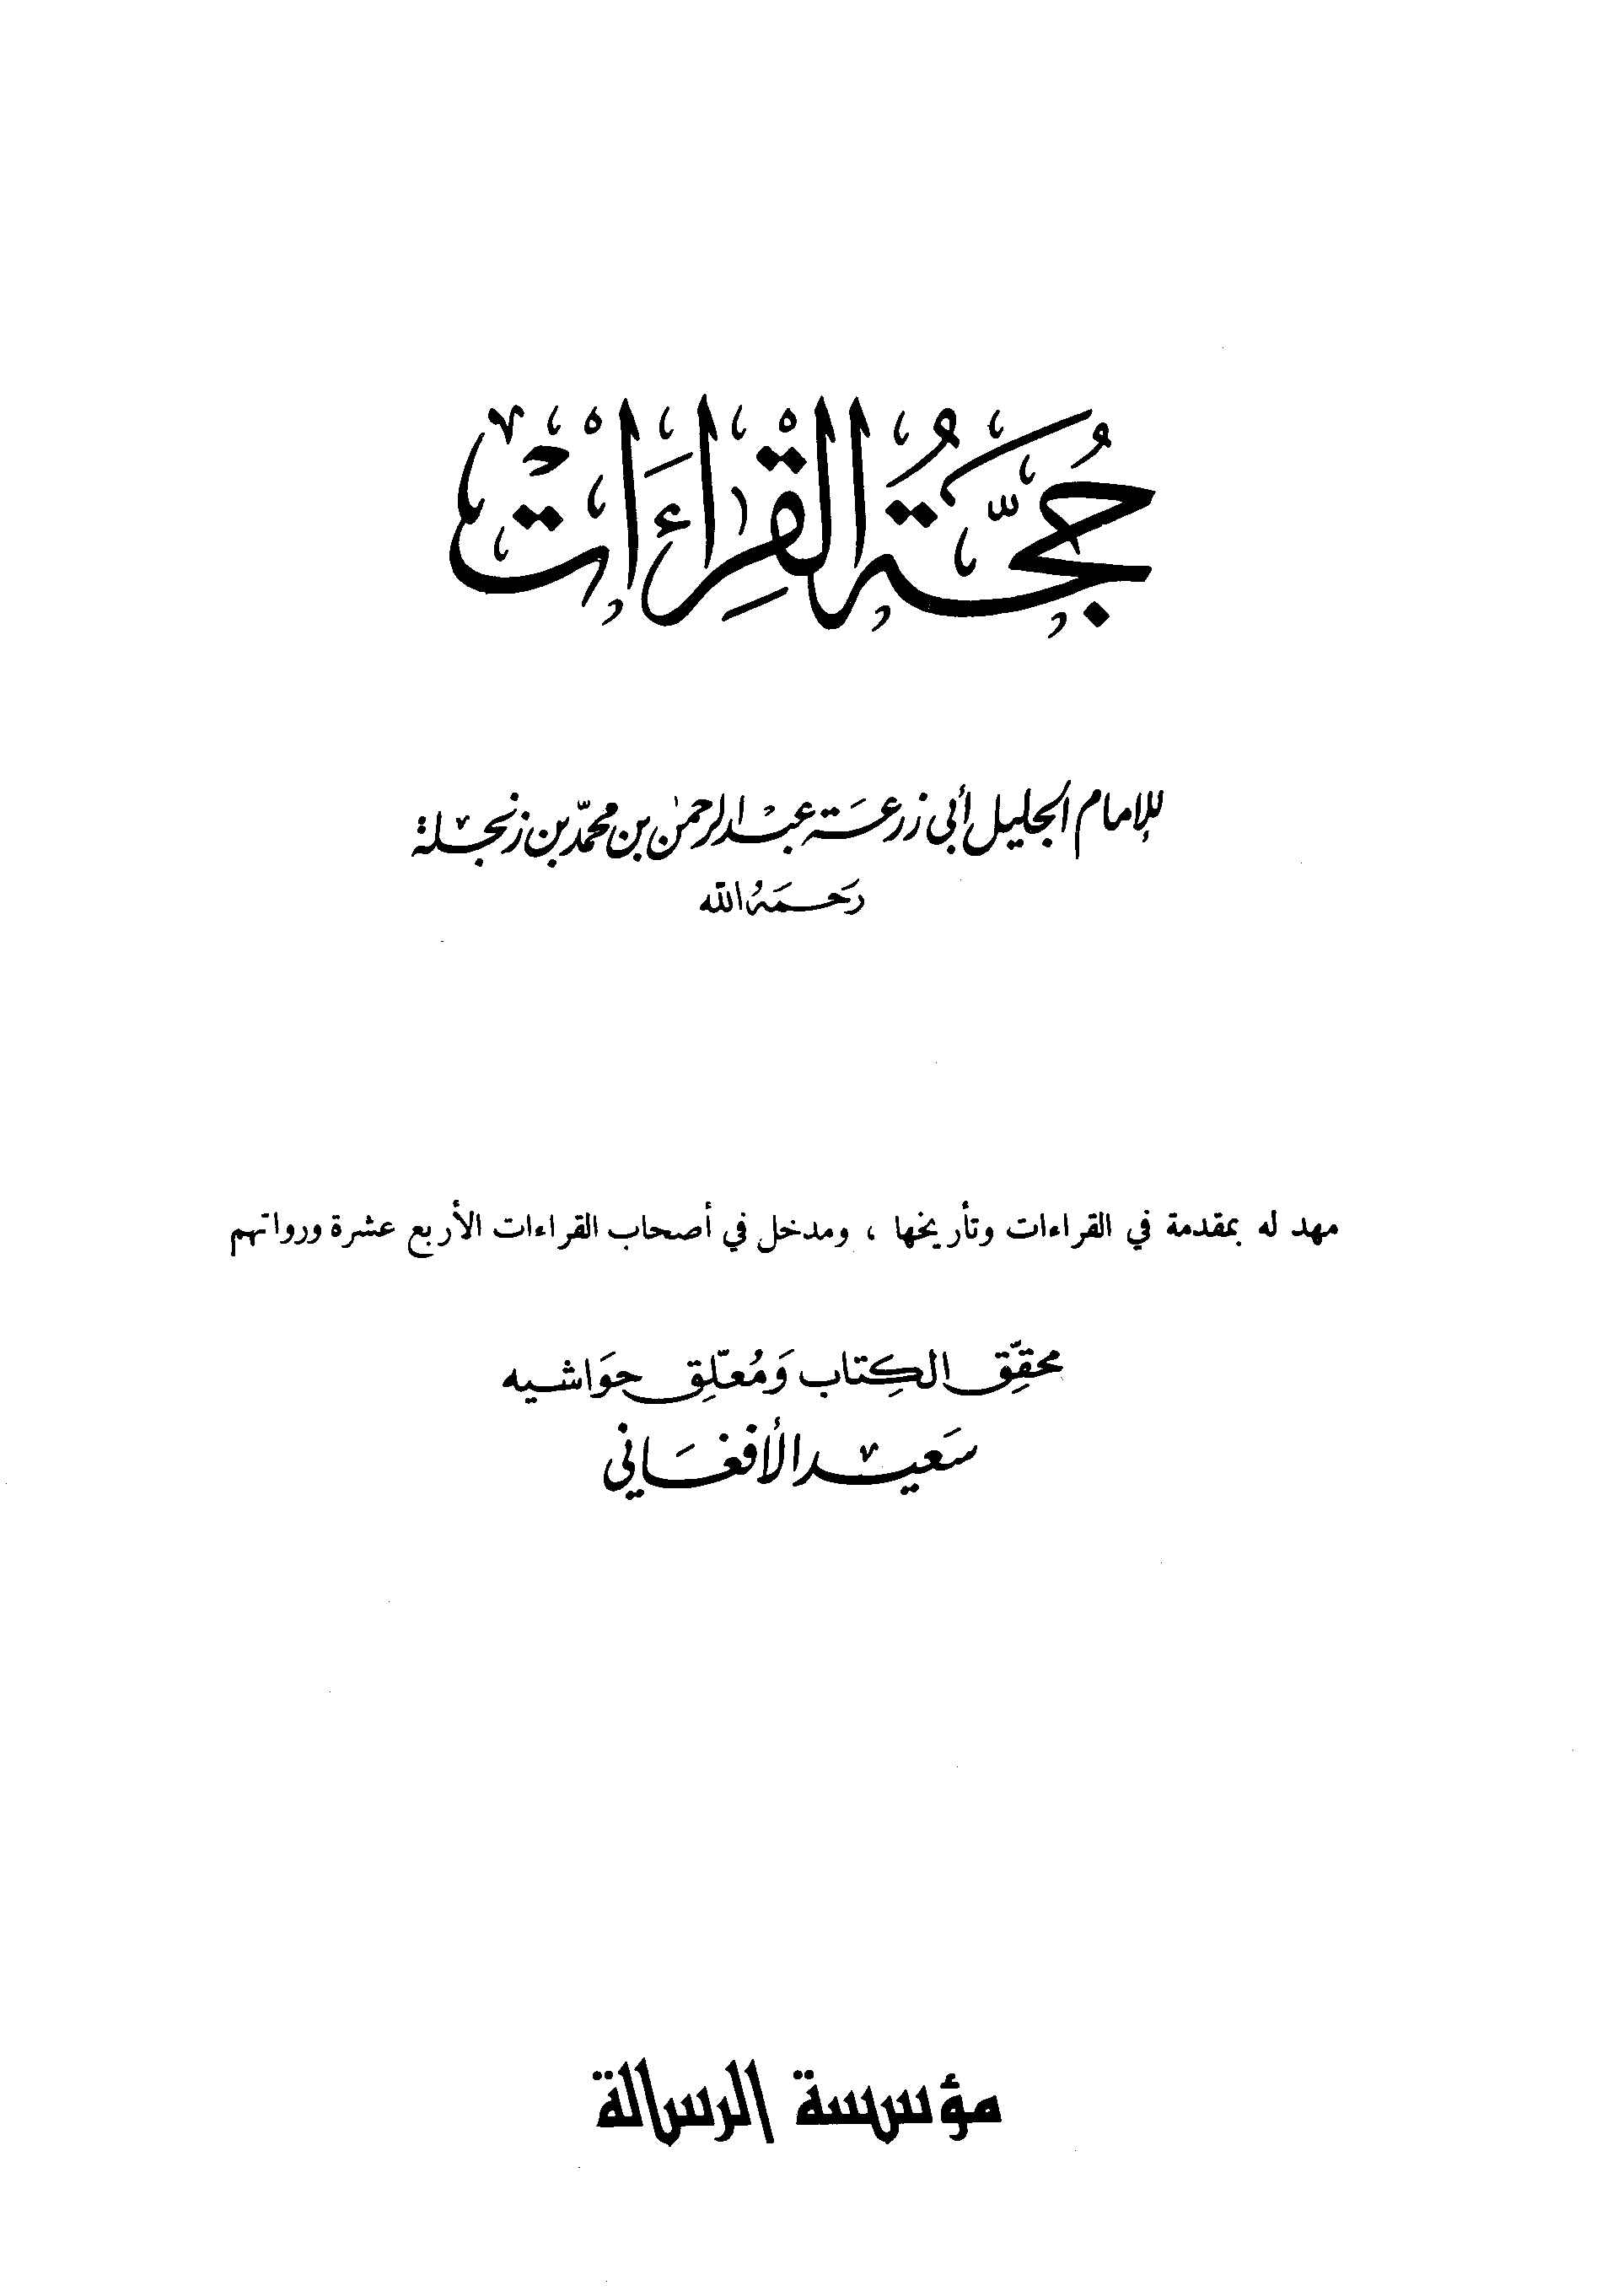 تحميل كتاب حجة القراءات (أبو زرعة ابن زنجلة) لـِ: الإمام أبو زرعة عبد الرحمن بن محمد، ابن زنجلة (ت حوالي 403)